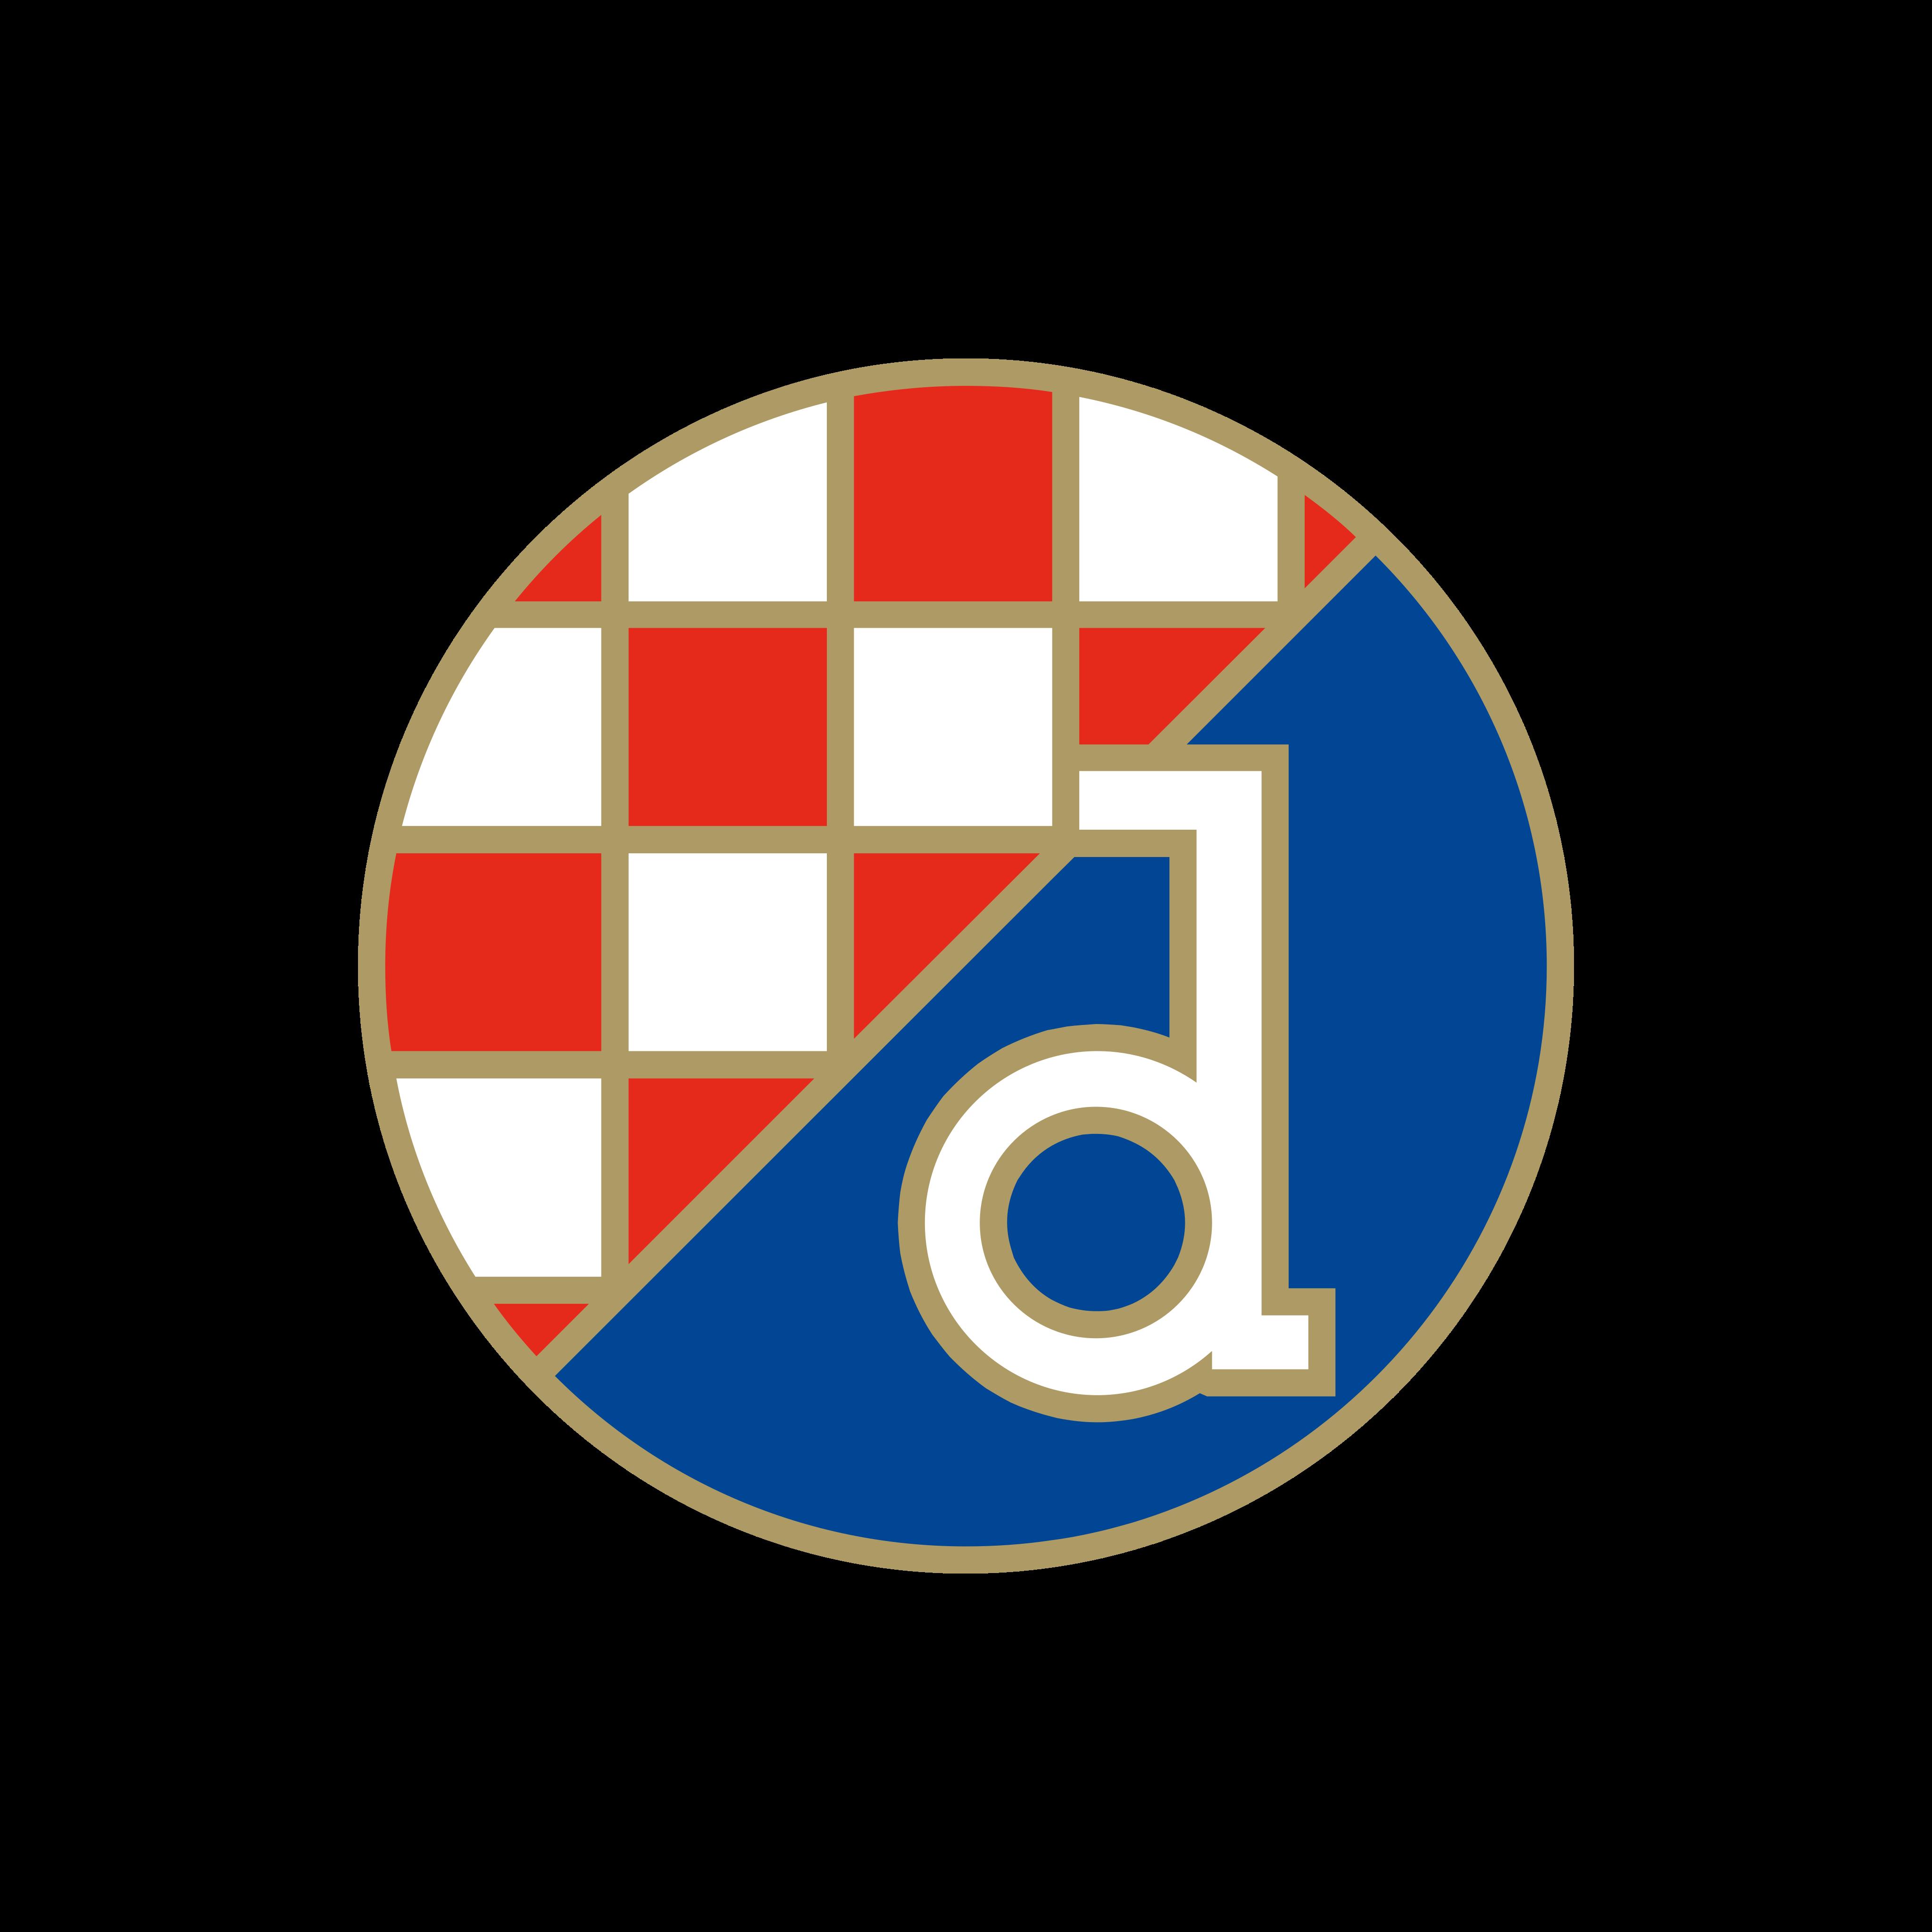 dinamo zagreb logo 0 - Dínamo Zagreb Logo - Escudo